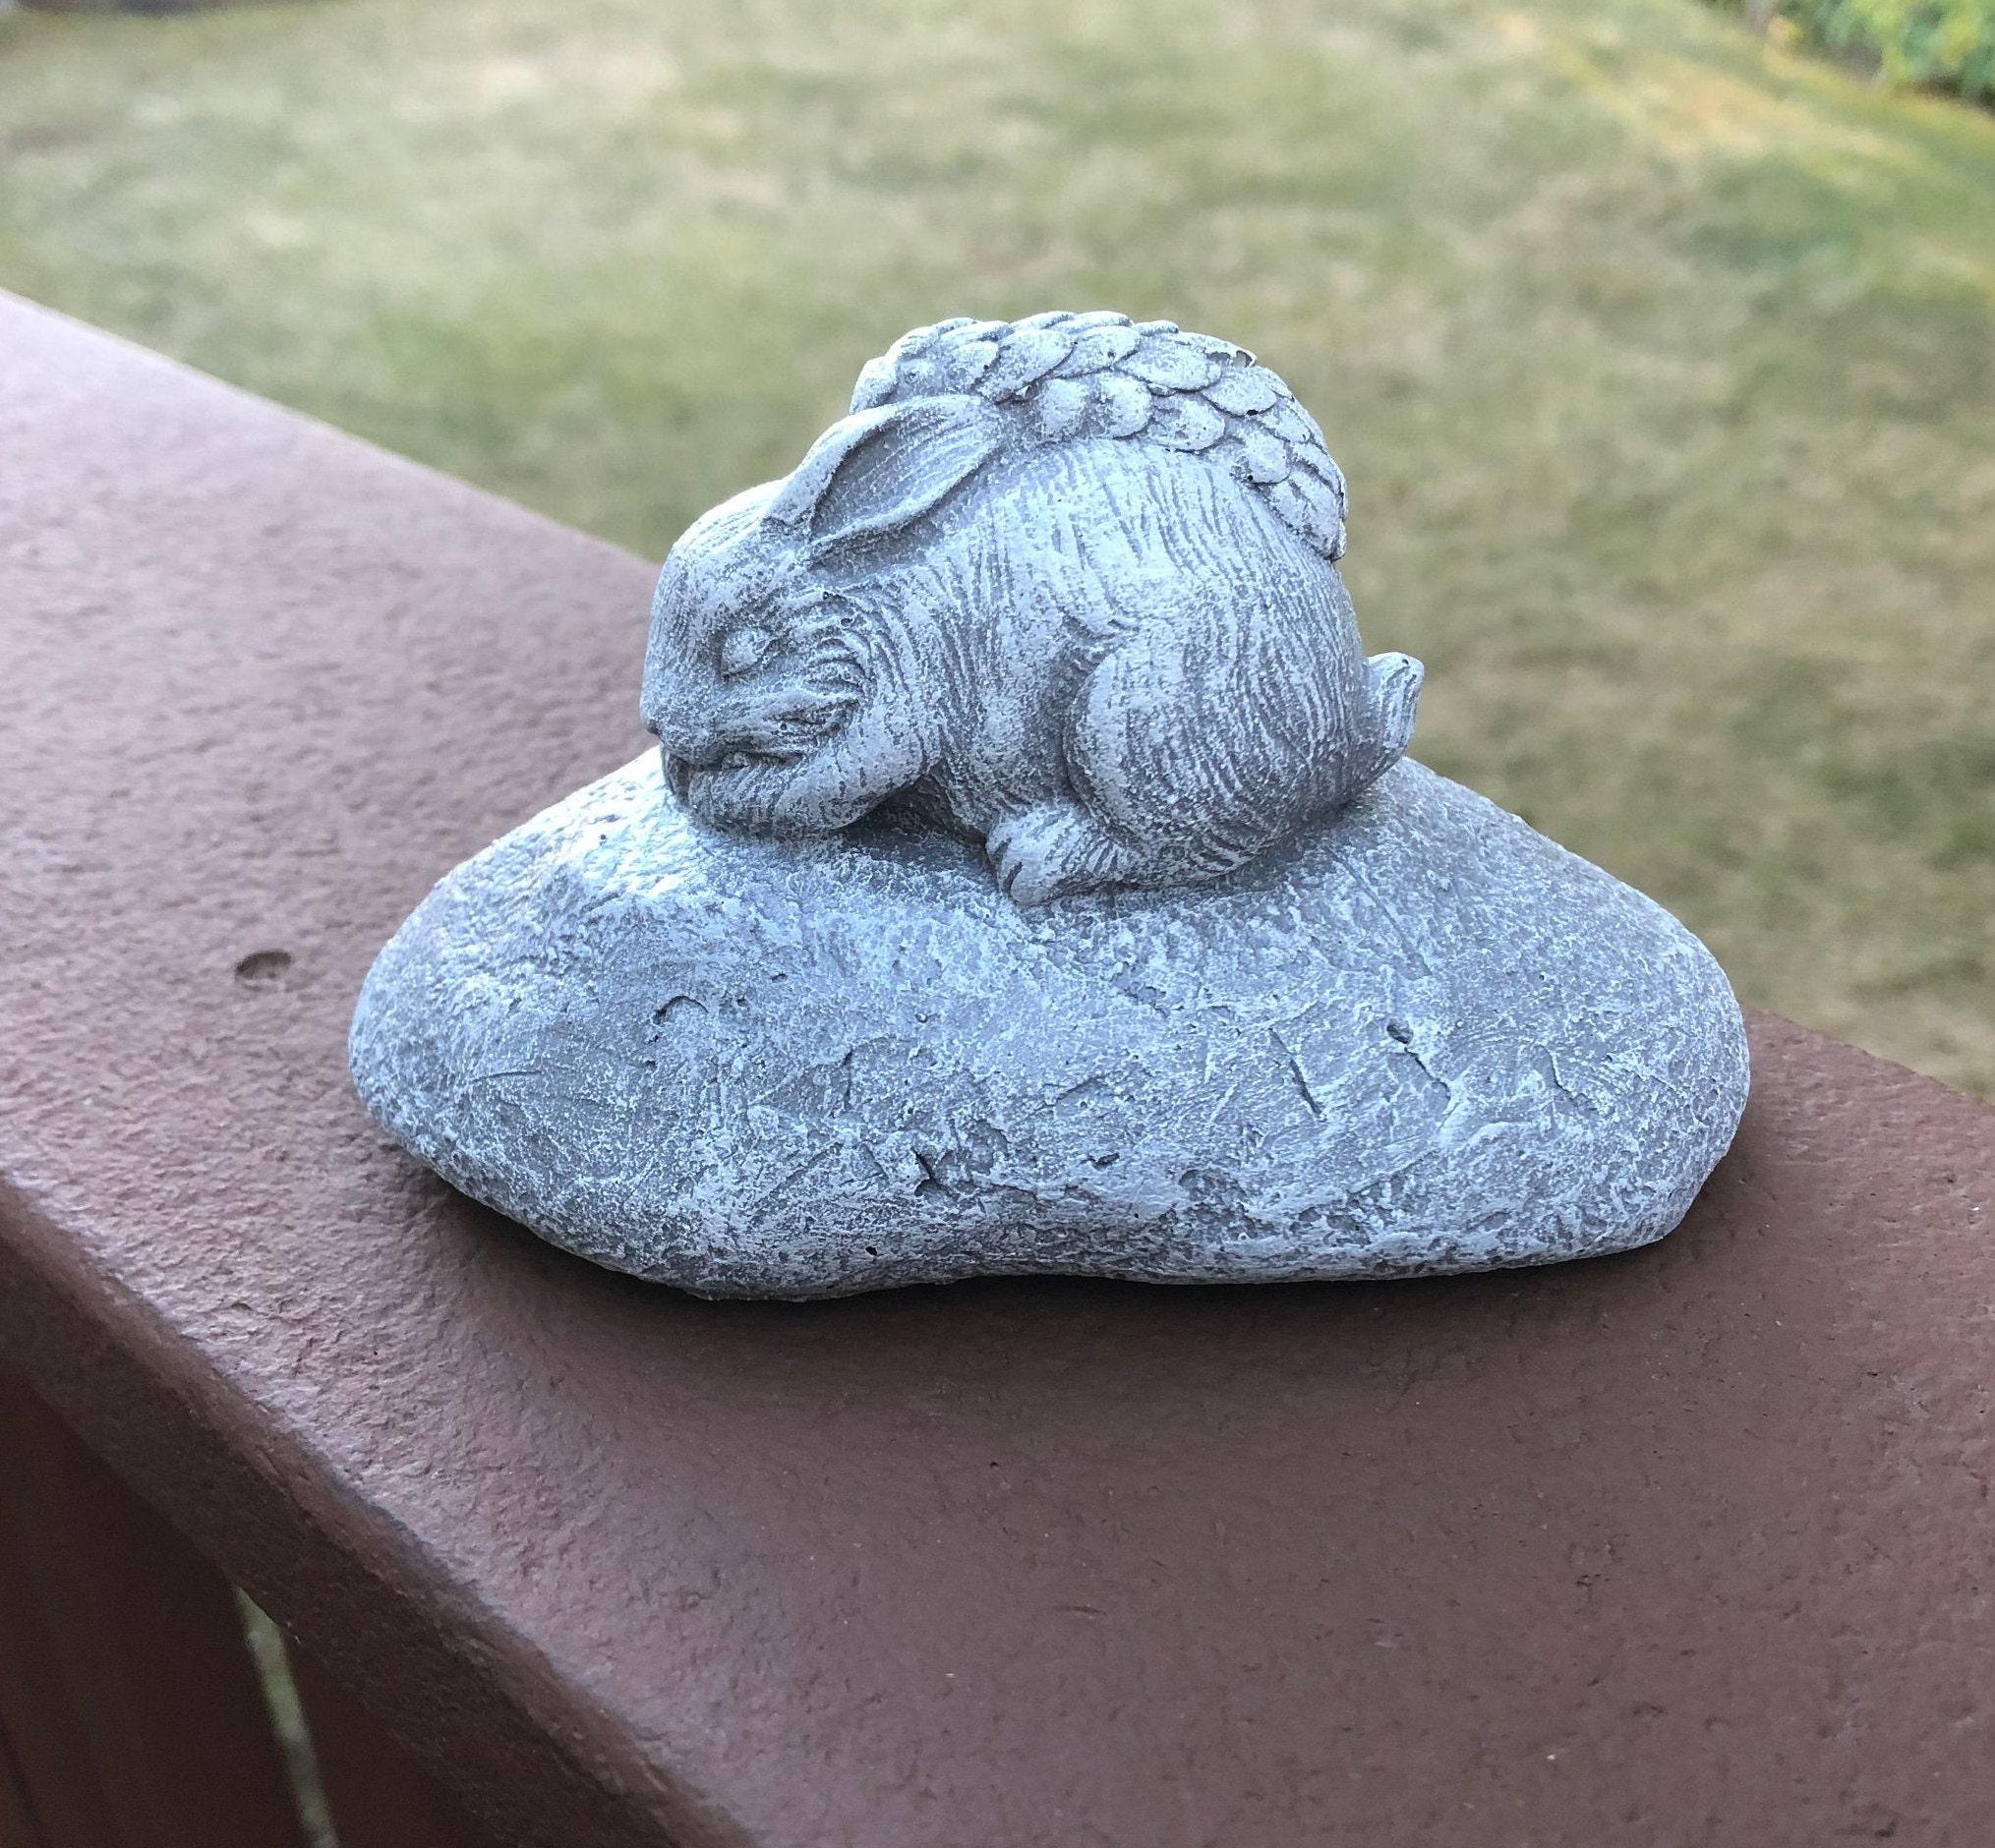 Concrete Garden Ornament Rabbit Small